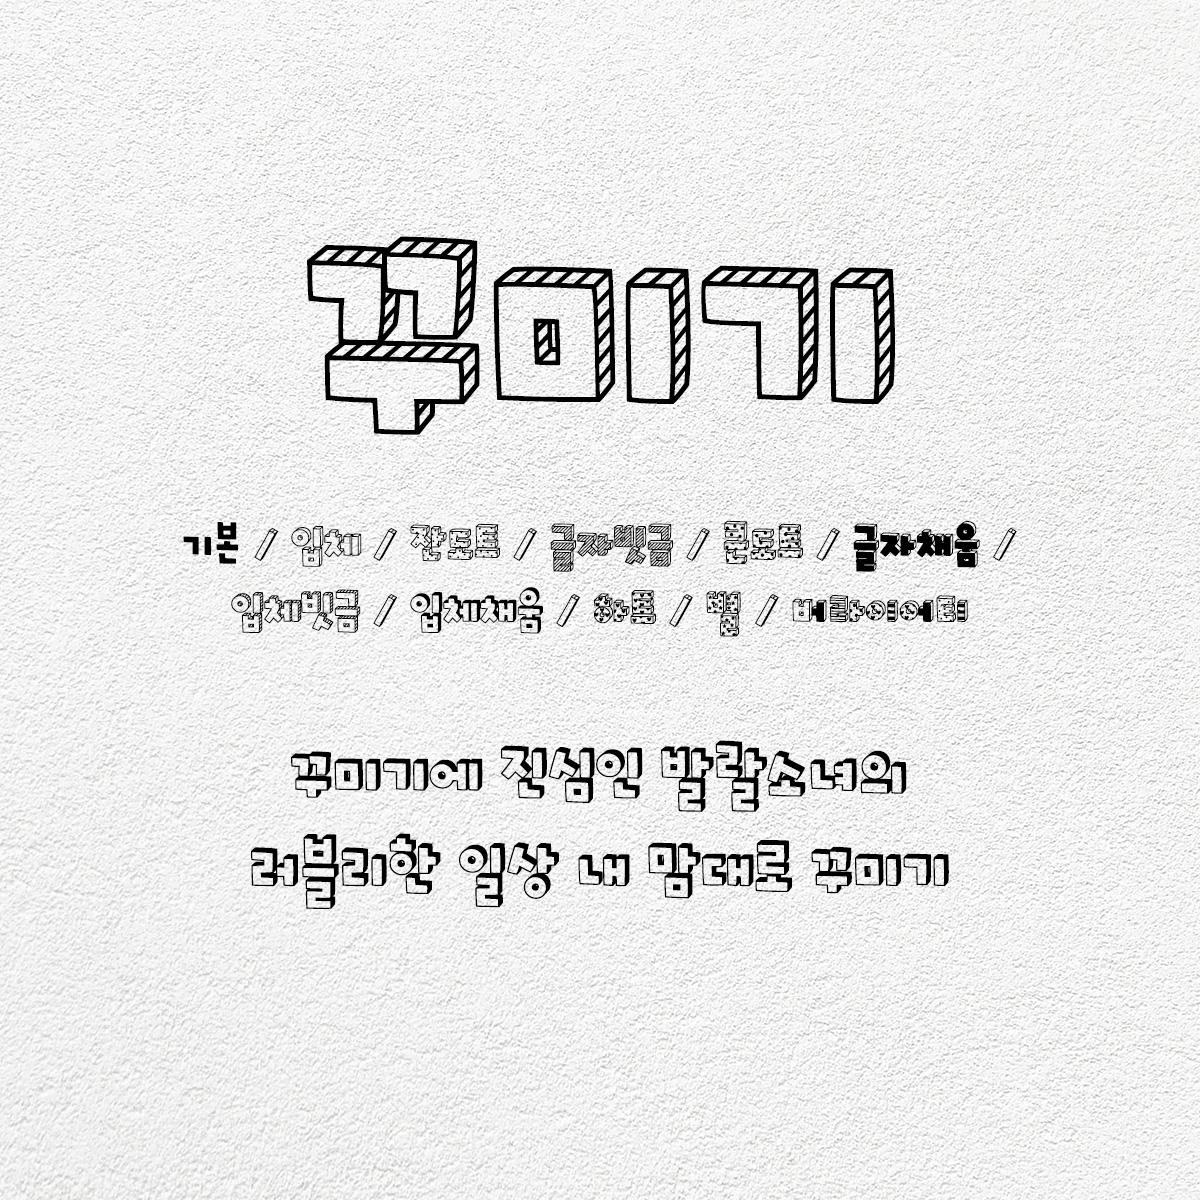 타이포_꾸미기